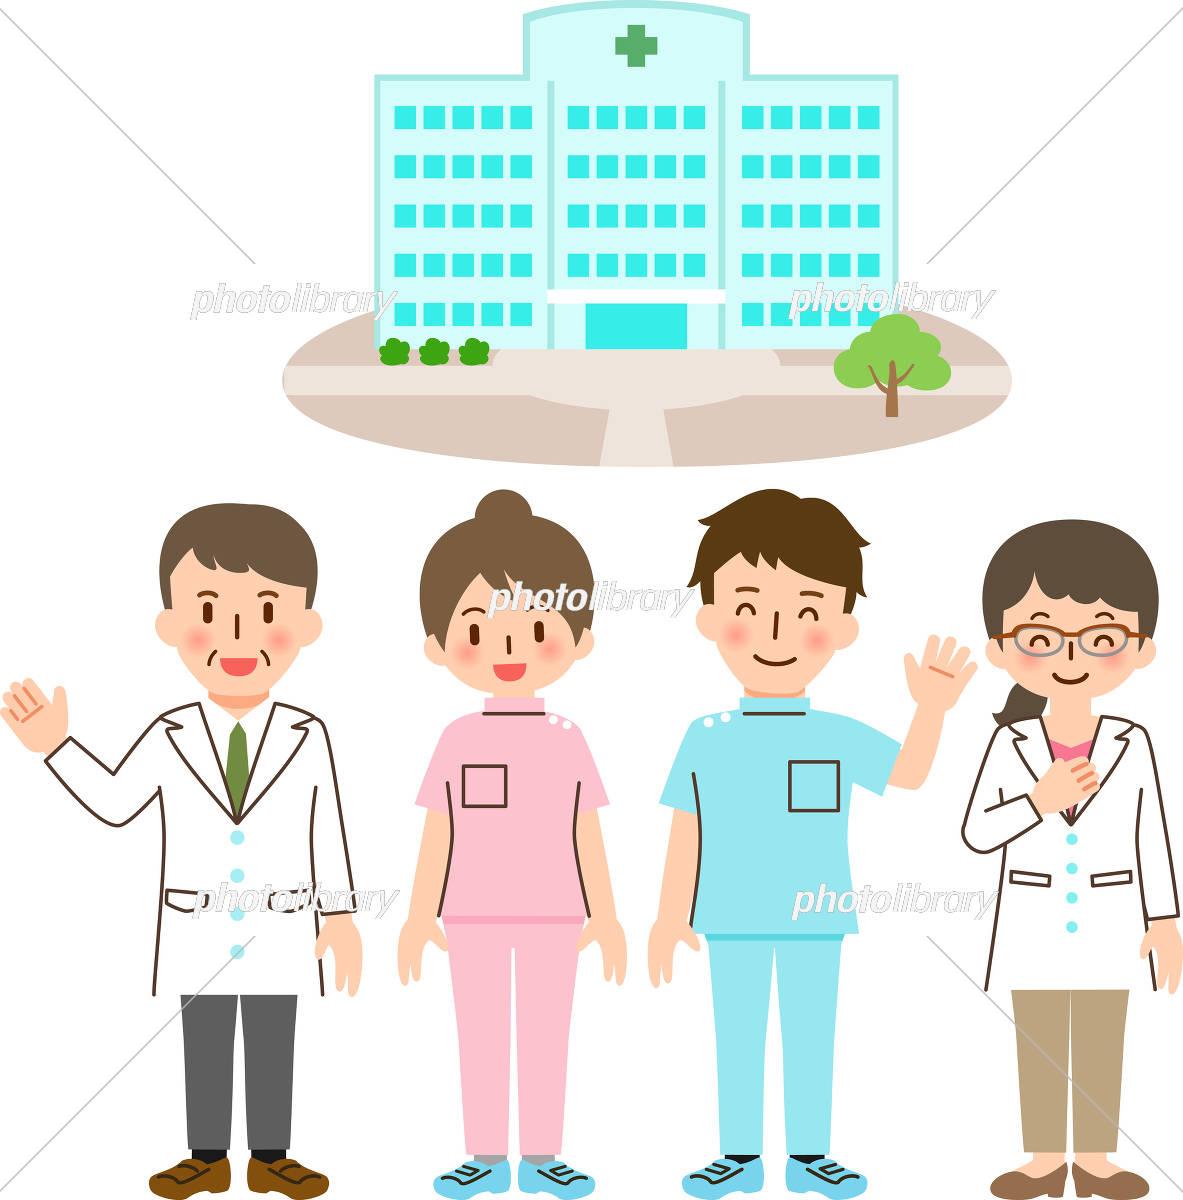 病院と笑顔の医師 看護師 イラスト素材 4635522 フォトライブ